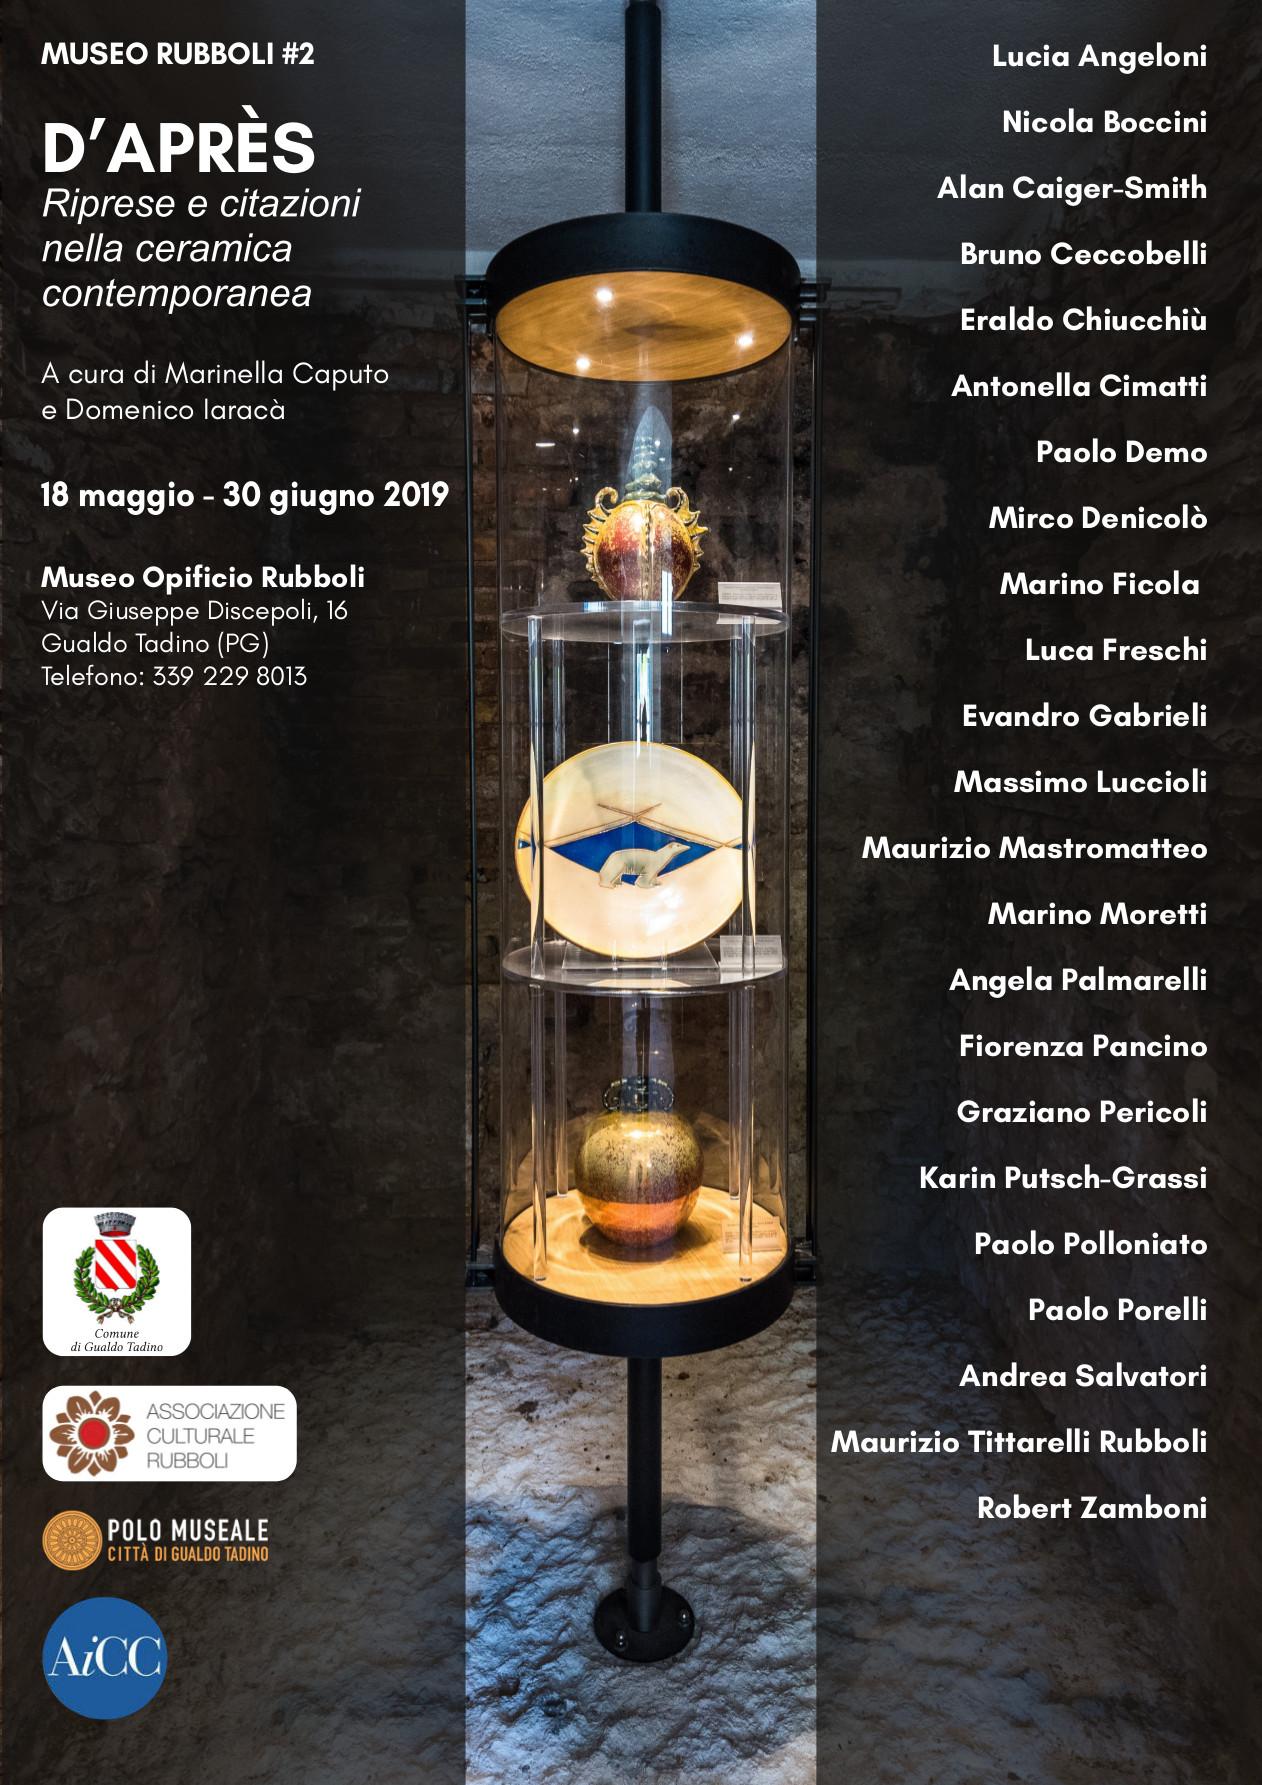 Dapres contemporary ceramic exhibition at Museo Rubboli Gualdo Tadino